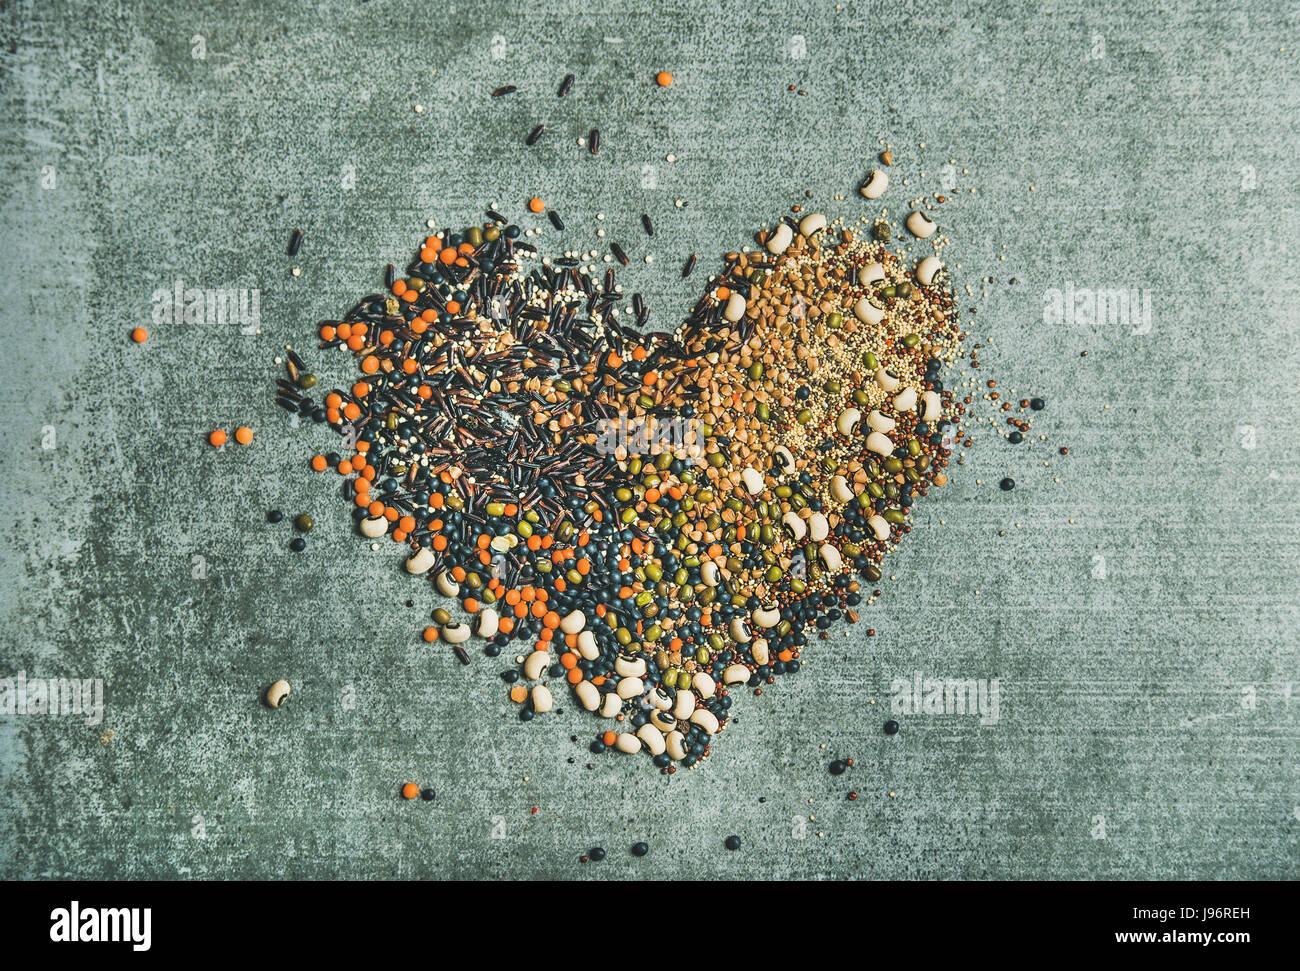 Vari cereali grezzi, fagioli e cereali in forma di cuore Immagini Stock